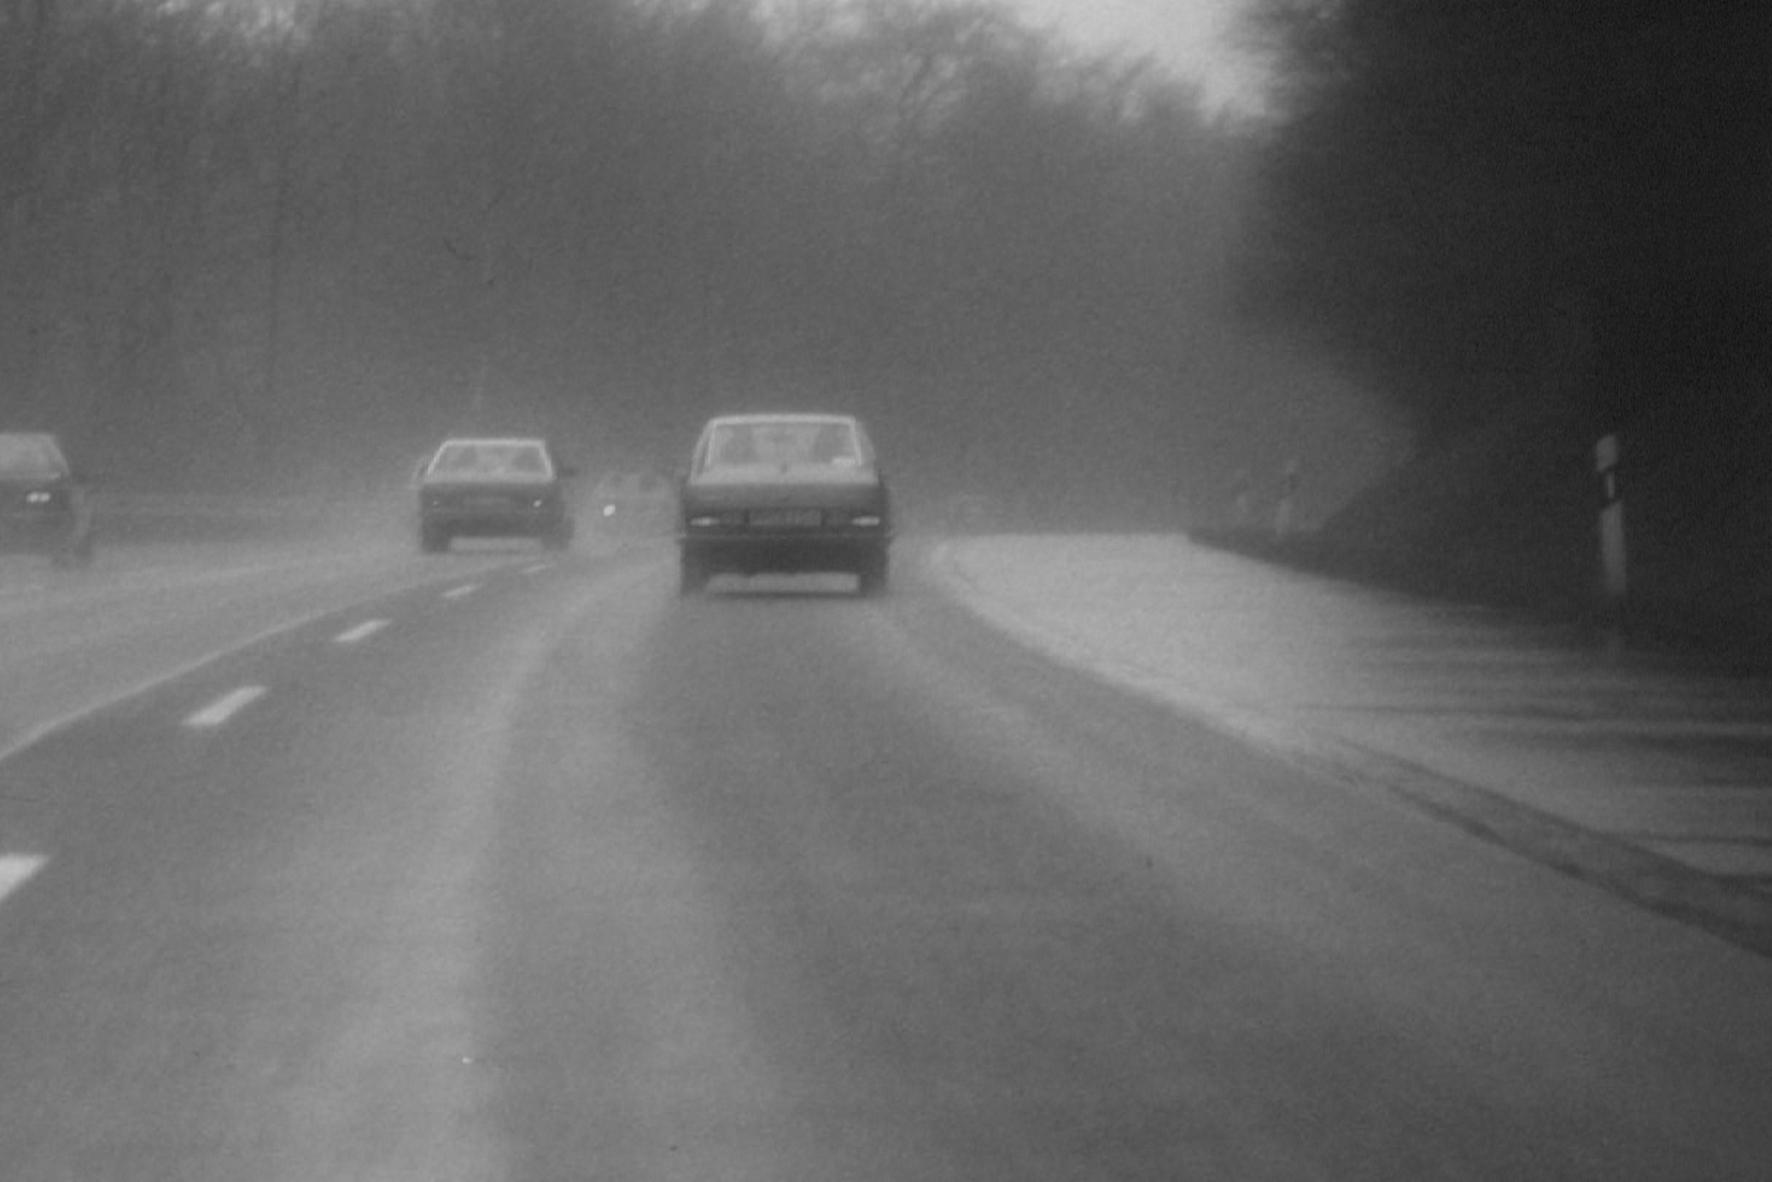 mid Groß-Gerau - Autofahrer müssen die Geschwindigkeit bei widrigen Straßenverhältnissen reduzieren, sonst können sie bei einer Massenkarambolage für die Schäden nachfolgender Fahrzeuge haftbar gemacht werden.